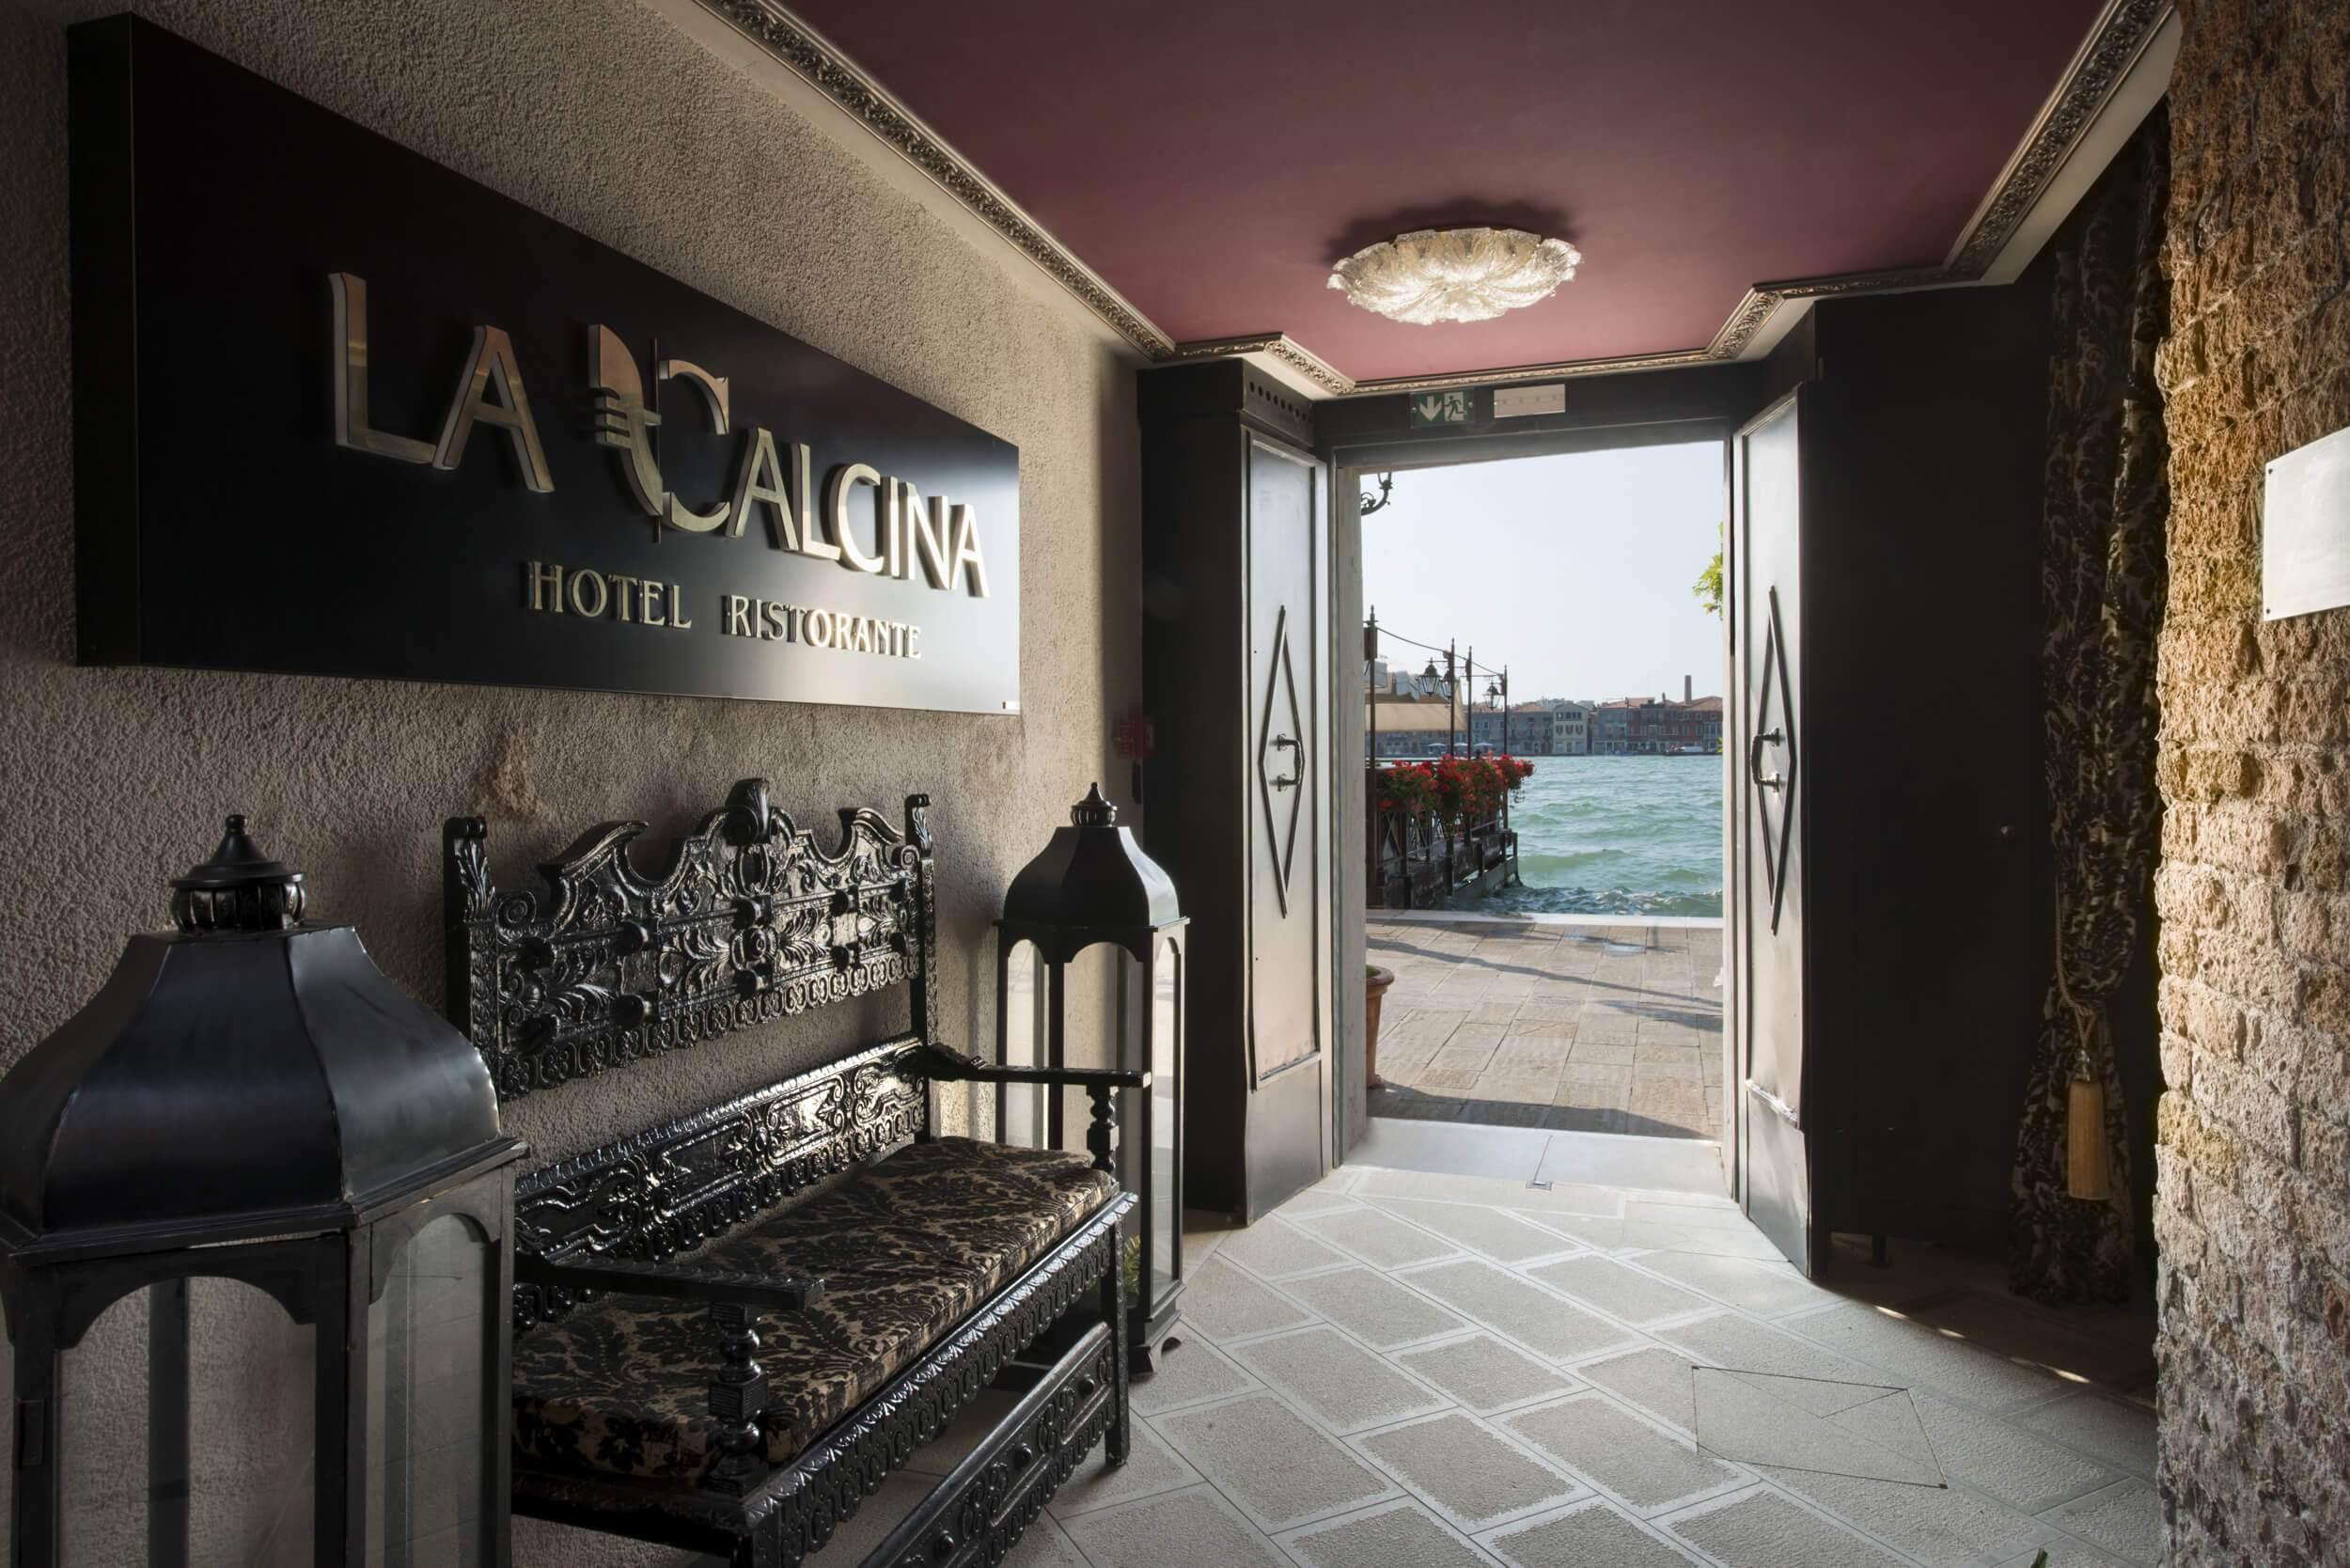 News un s jour musical venise hotel la calcina venise for Hotel venise piscine interieure